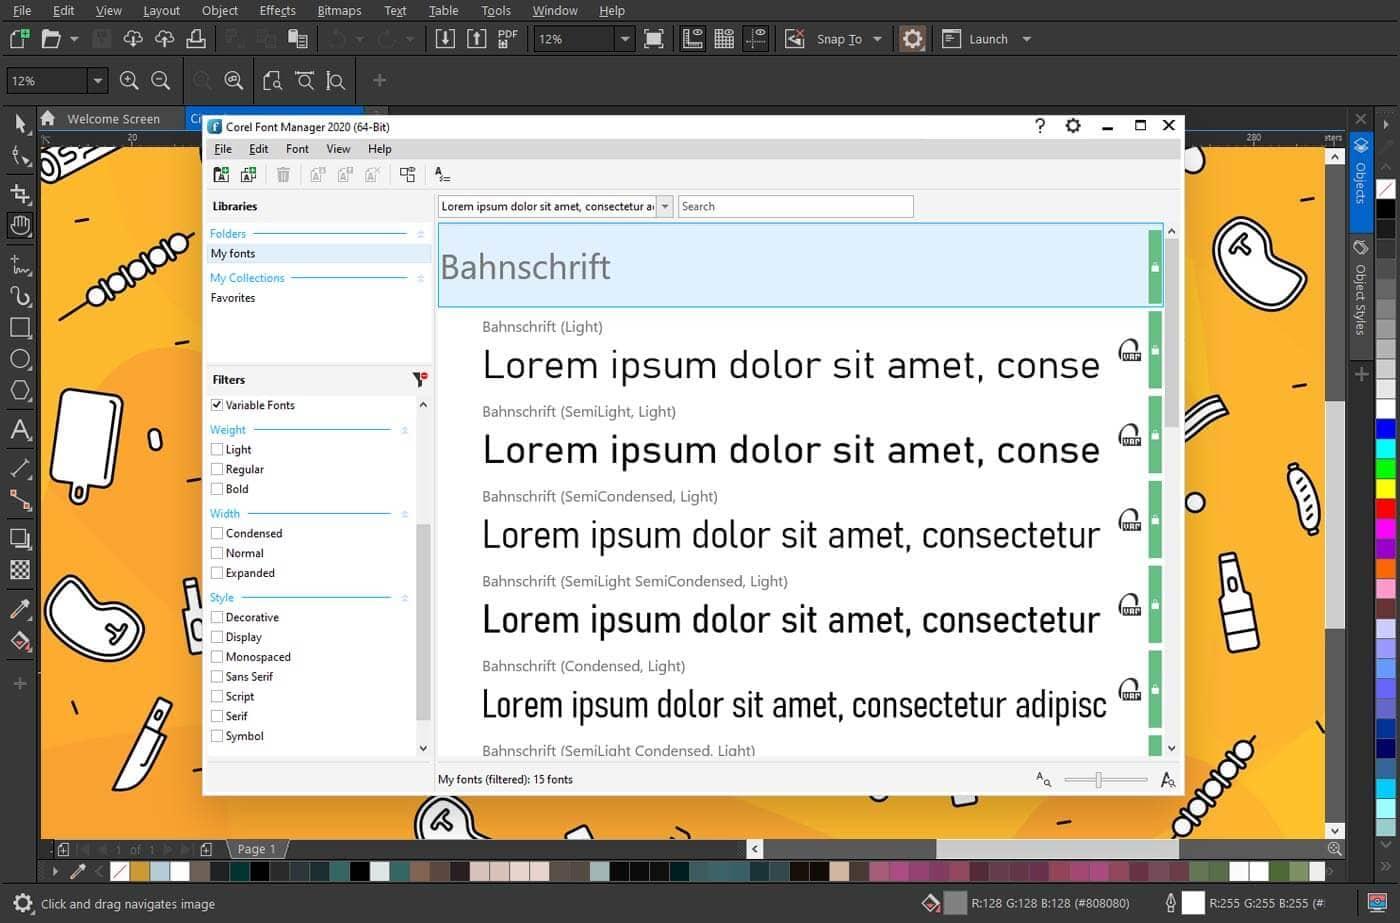 Corel Font Manager 2020